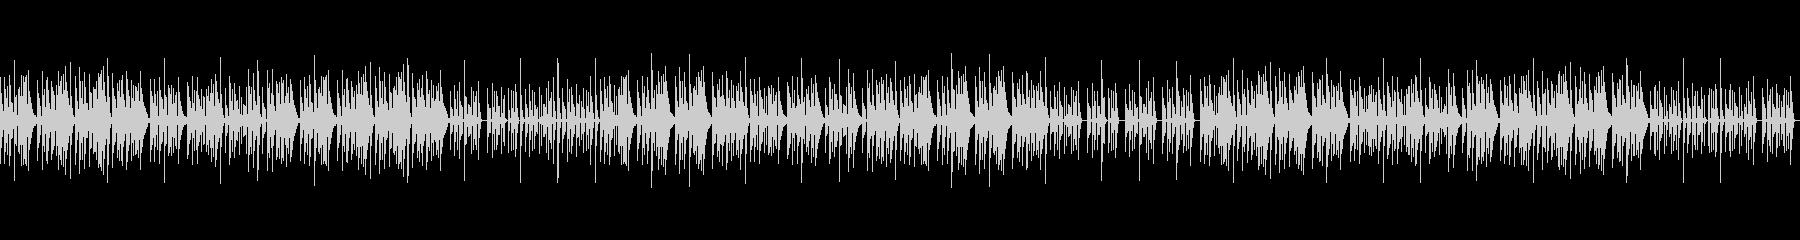 和風な琴のこども向け知育BGM_Bの未再生の波形